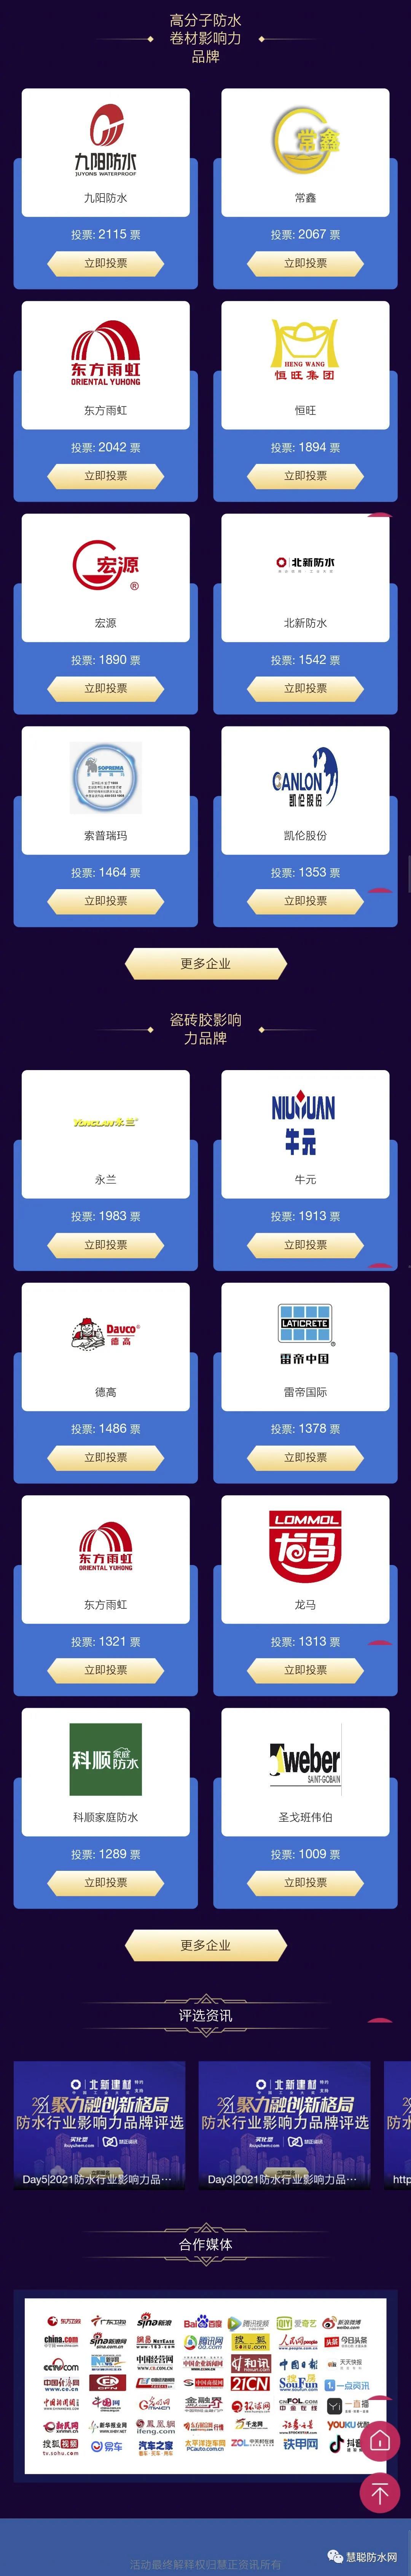 寰俊鍥剧墖_20210429102528.jpg